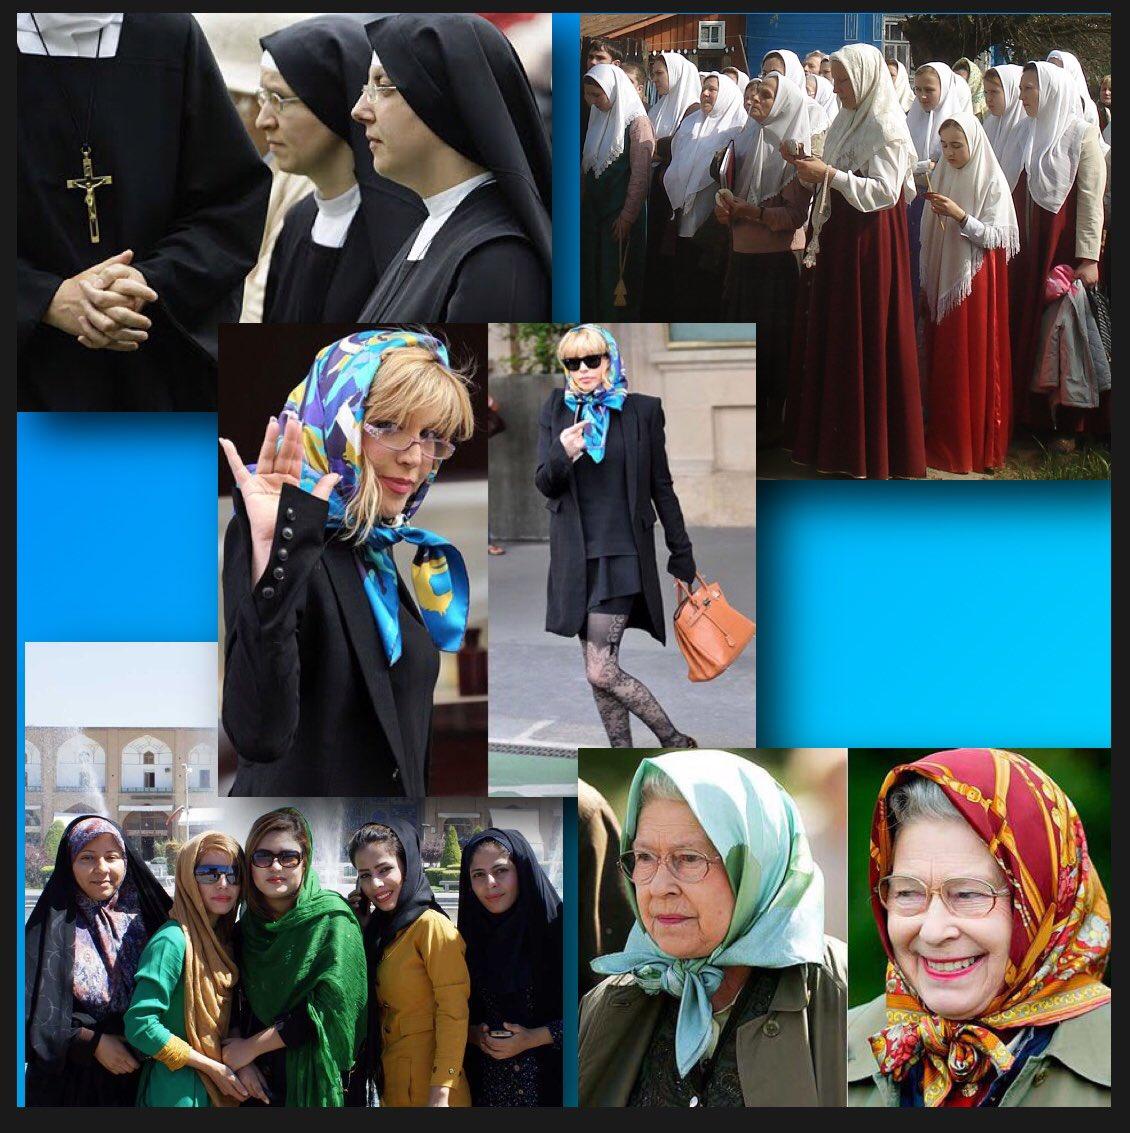 Meine Mutter und meine Oma haben auch Kopftuch getragen. Wer Frauen dazu zwingt ein Koptuch zu tragen ist genauso bekloppt wie einer der Frauen zwingt ohne Kopftuch zu sein. #Selbstbestimmung #Gleichberechtigung #KeinZwang  Nonnen - Orthodoxe - Mode - Iran - Queen pic.twitter.com/HNoInuZuce